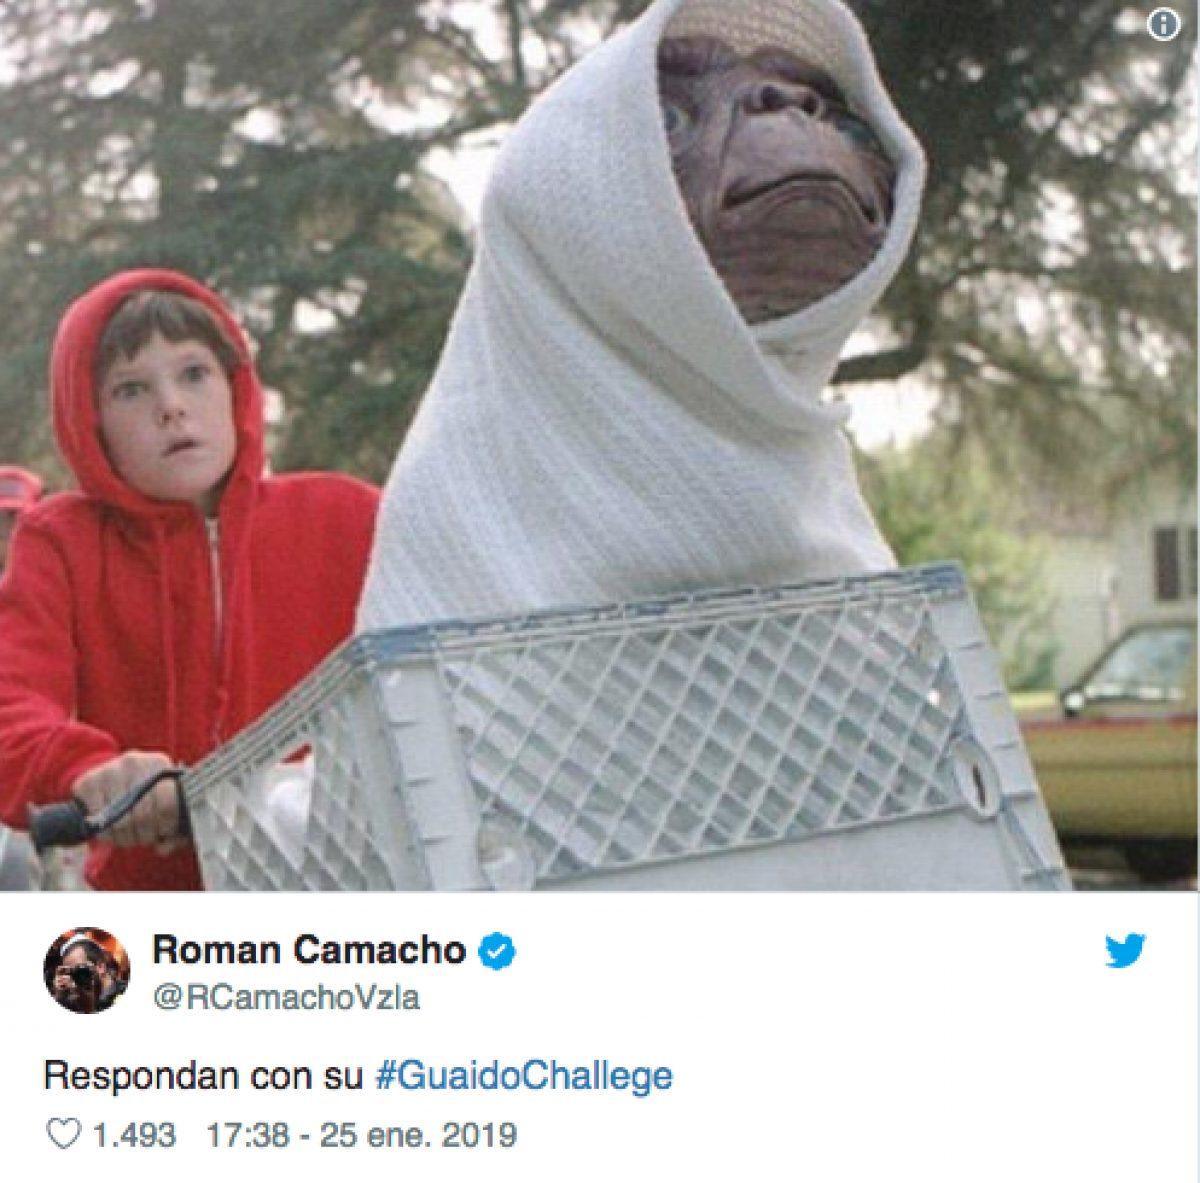 Imagen de la película E.T.